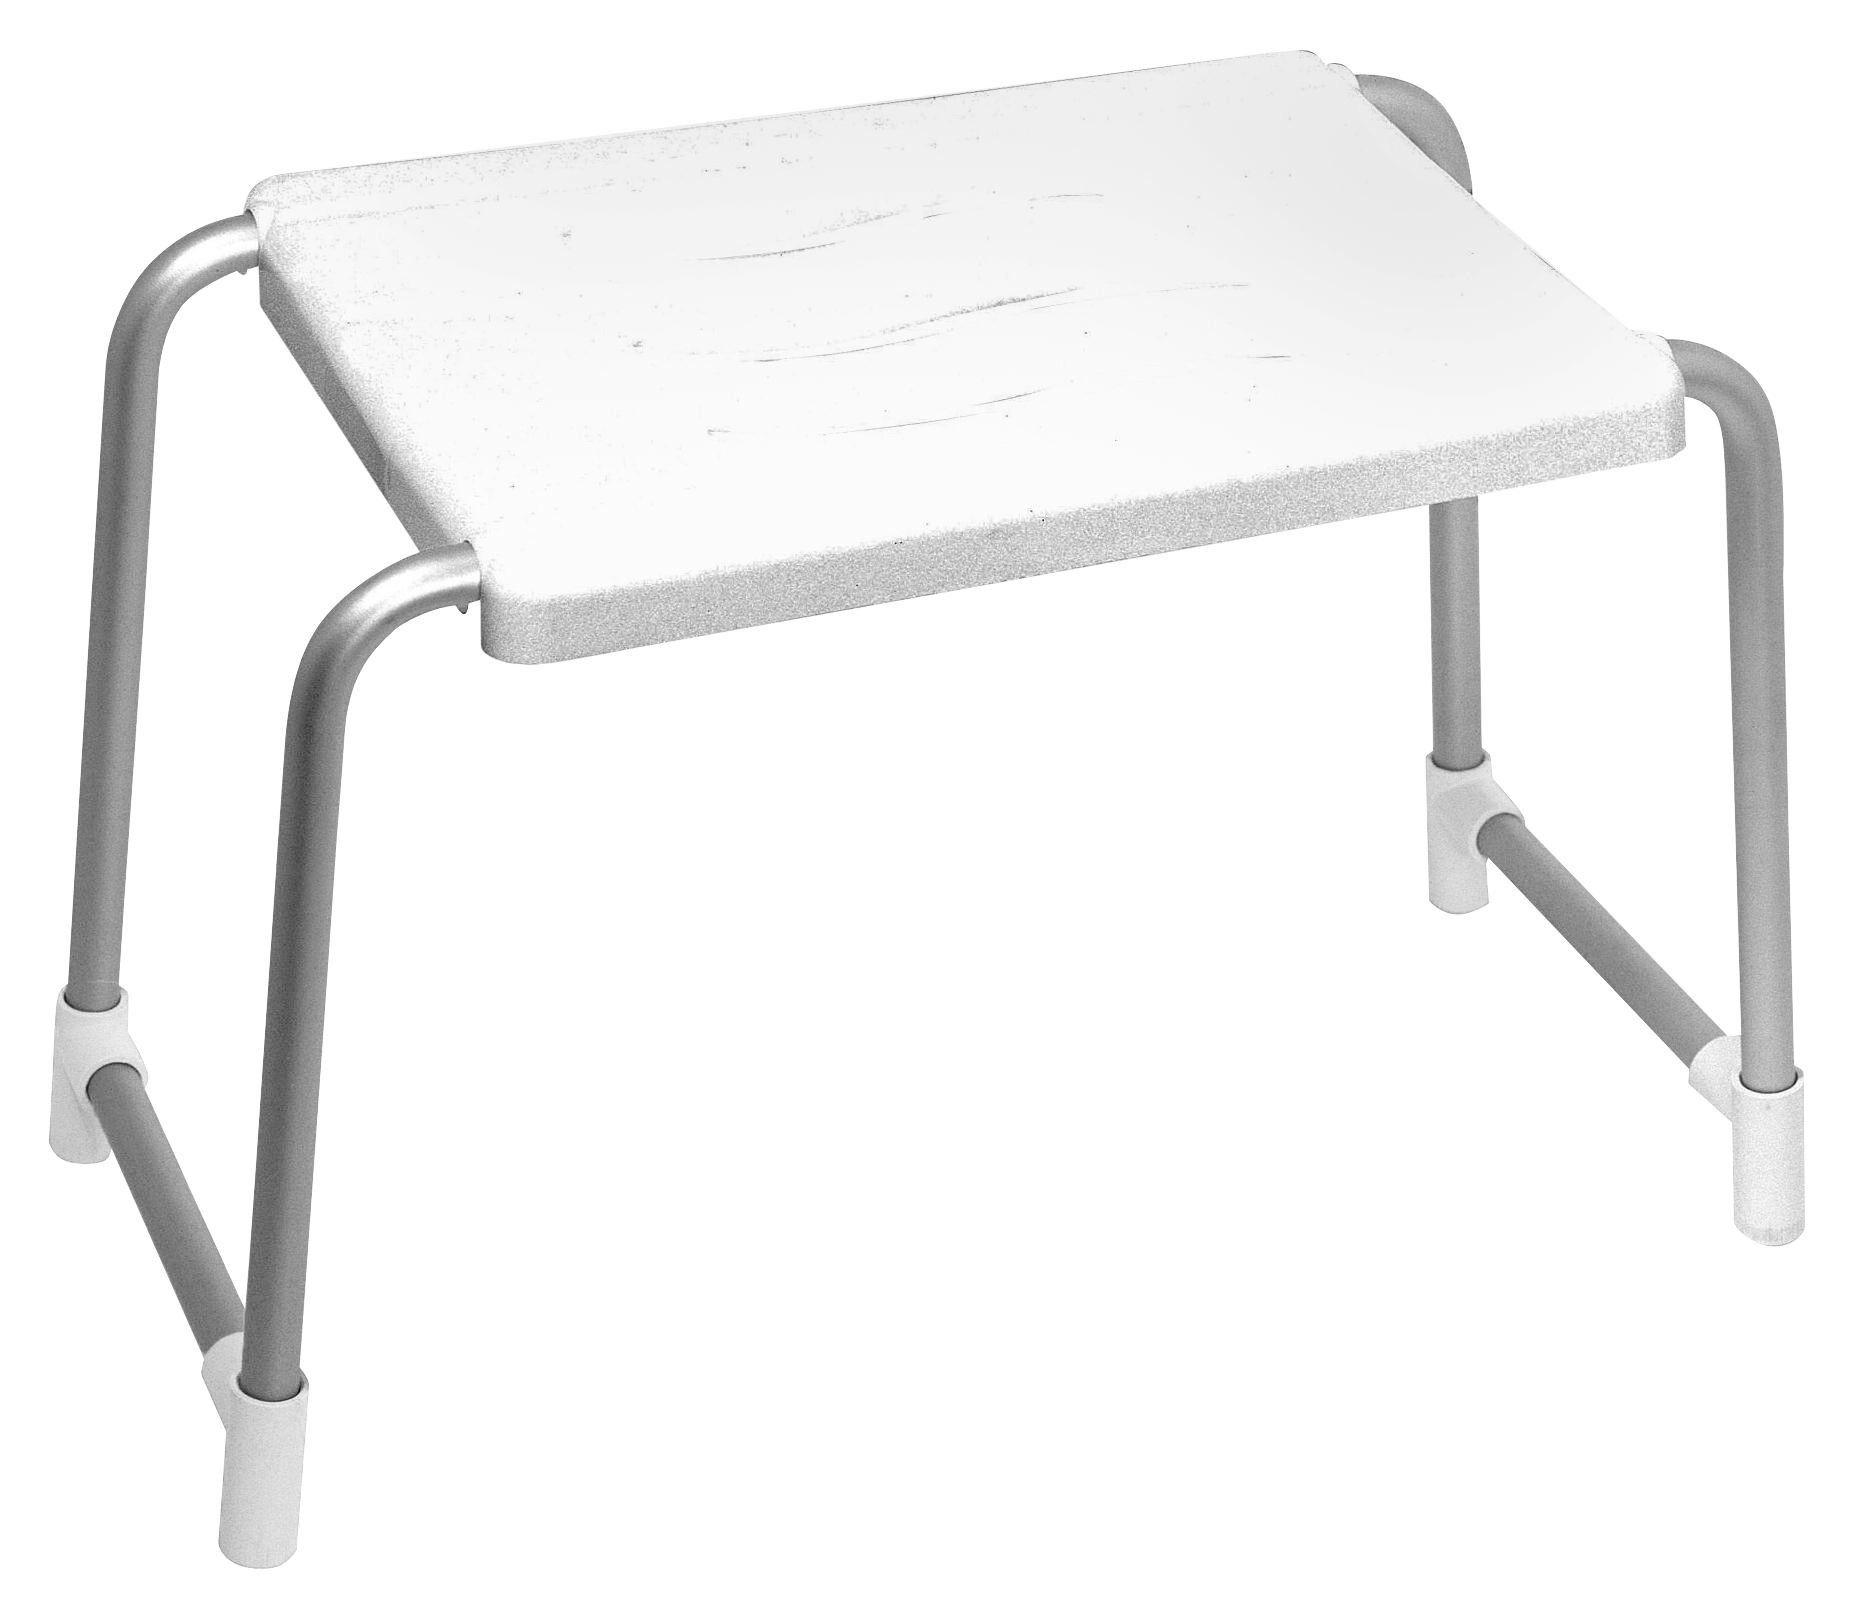 Badhocker Help Base - Alufarben/Weiß, KONVENTIONELL, Kunststoff/Metall (36/33/26cm)